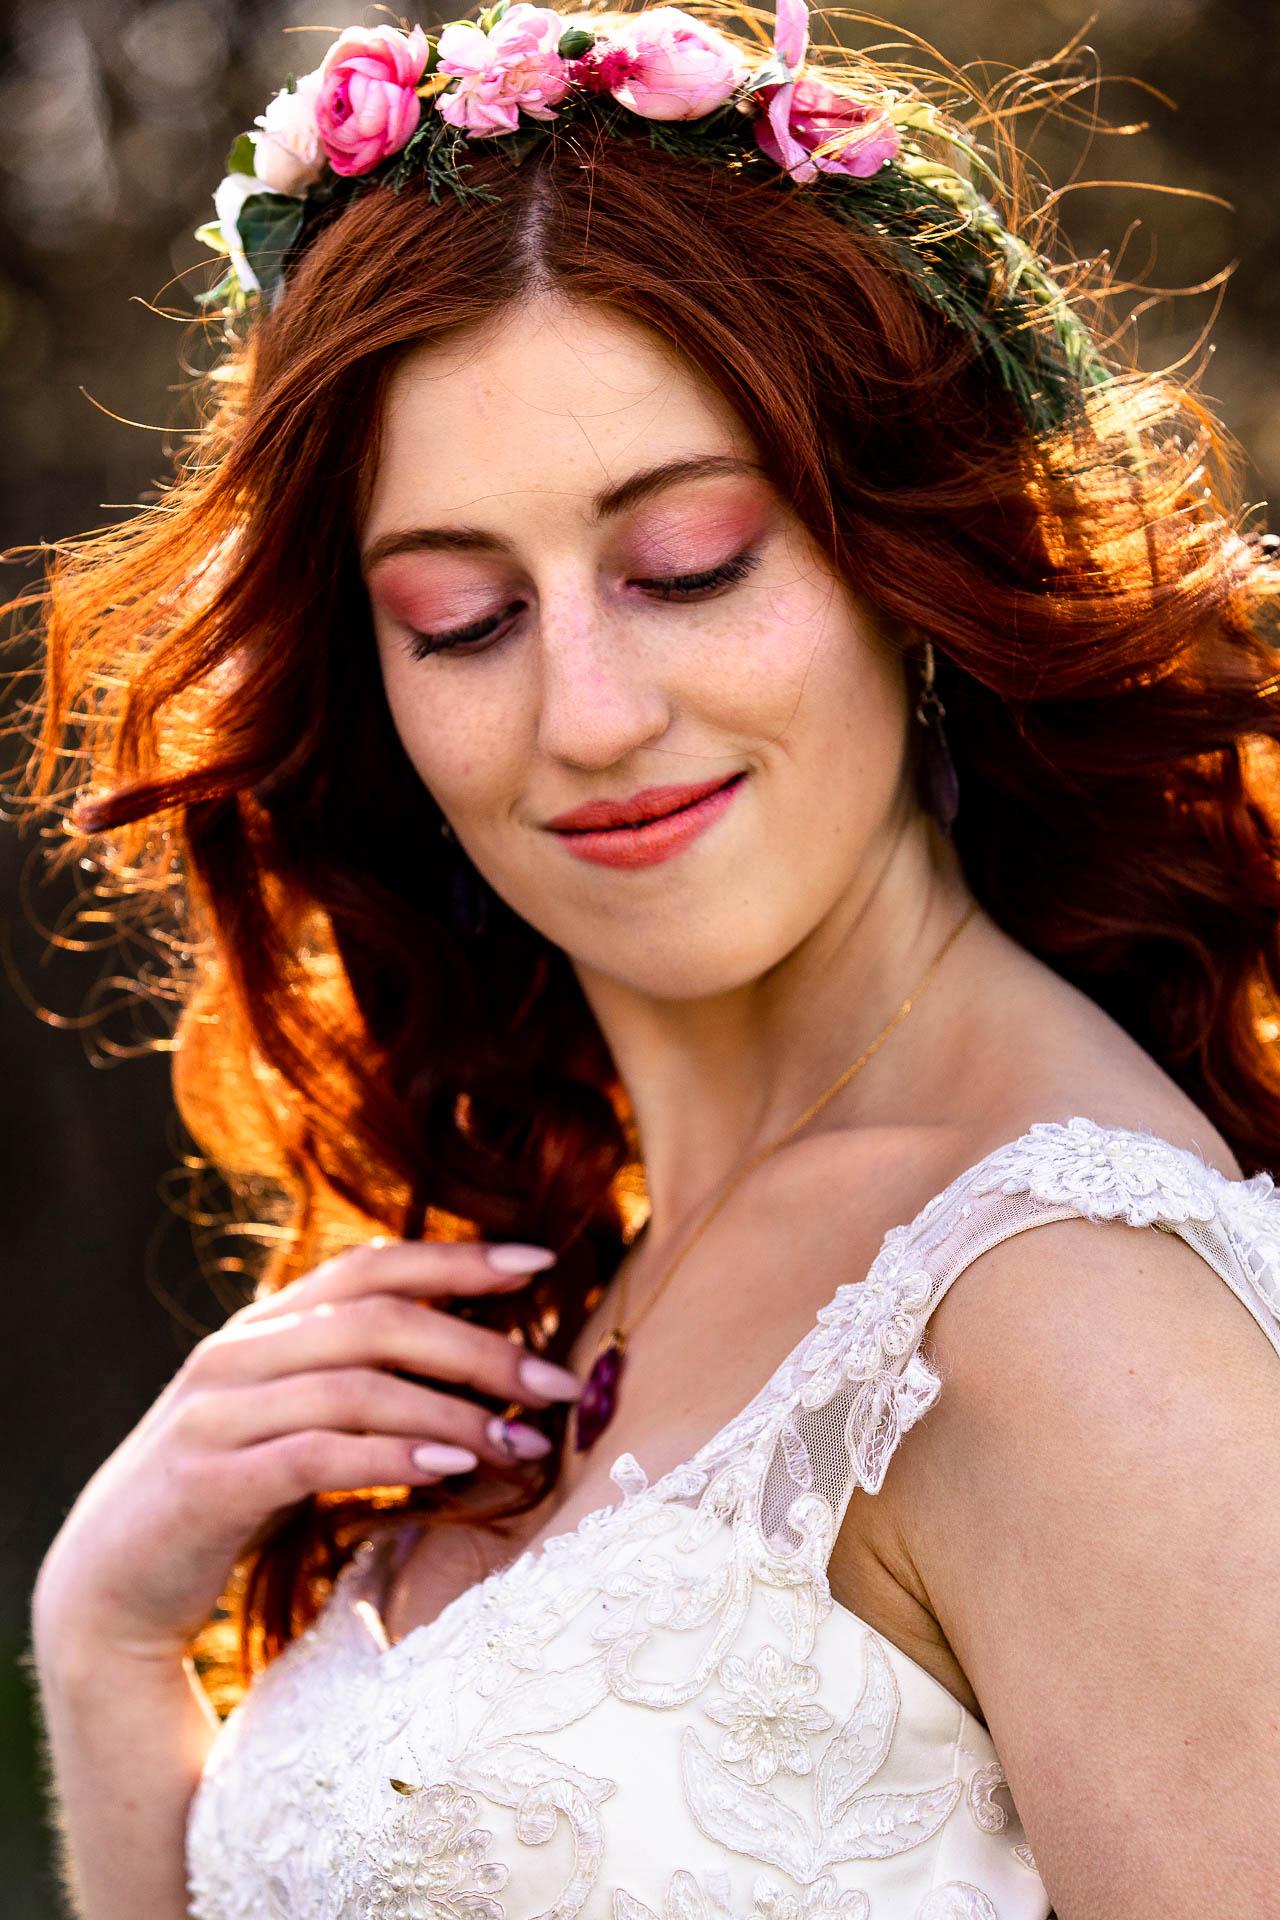 Spogląda w dół i widać makijaż ślubny wiosenny.